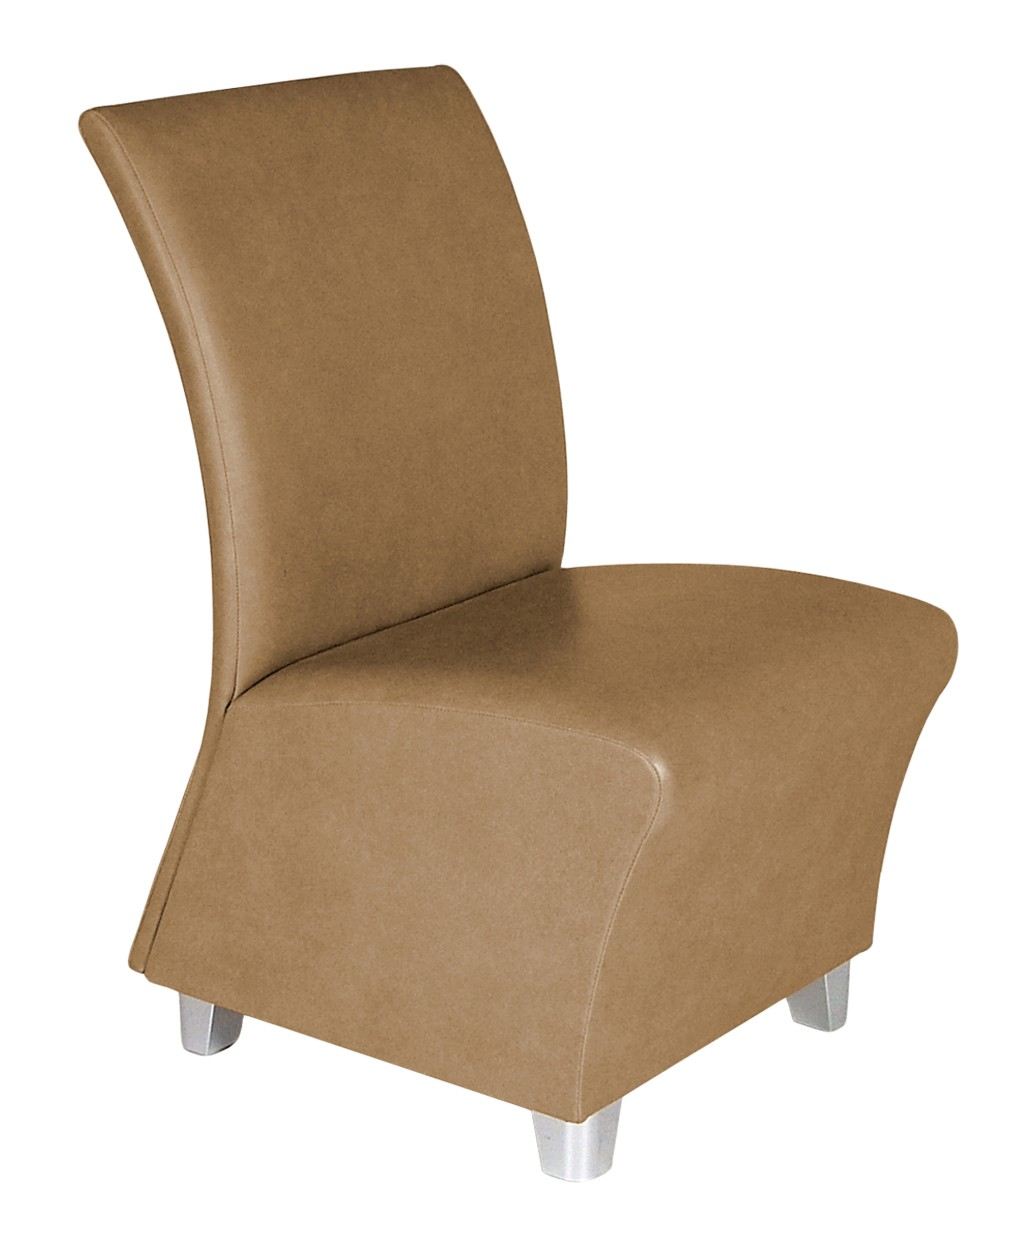 Collins QSE 1980 Lanai Reception Chair w/ Chrome Legs